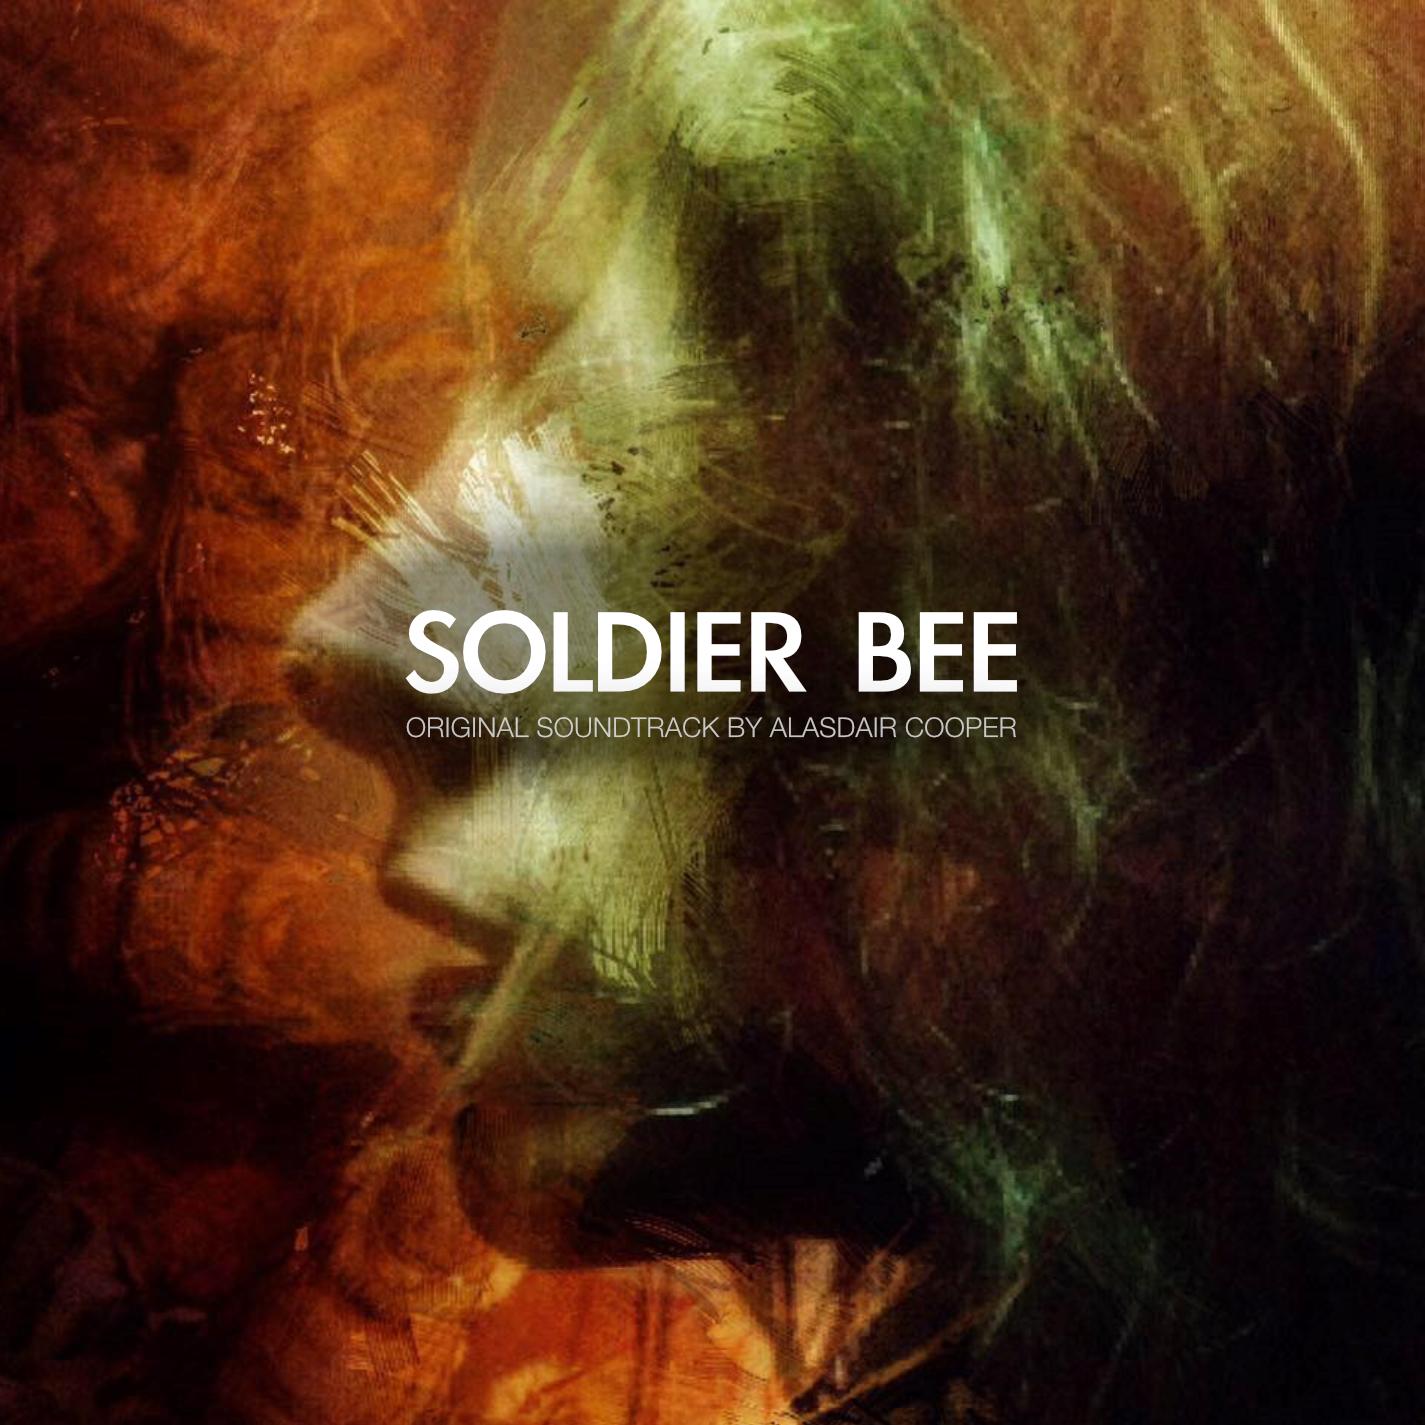 Soldier Bee (Original Soundtrack)